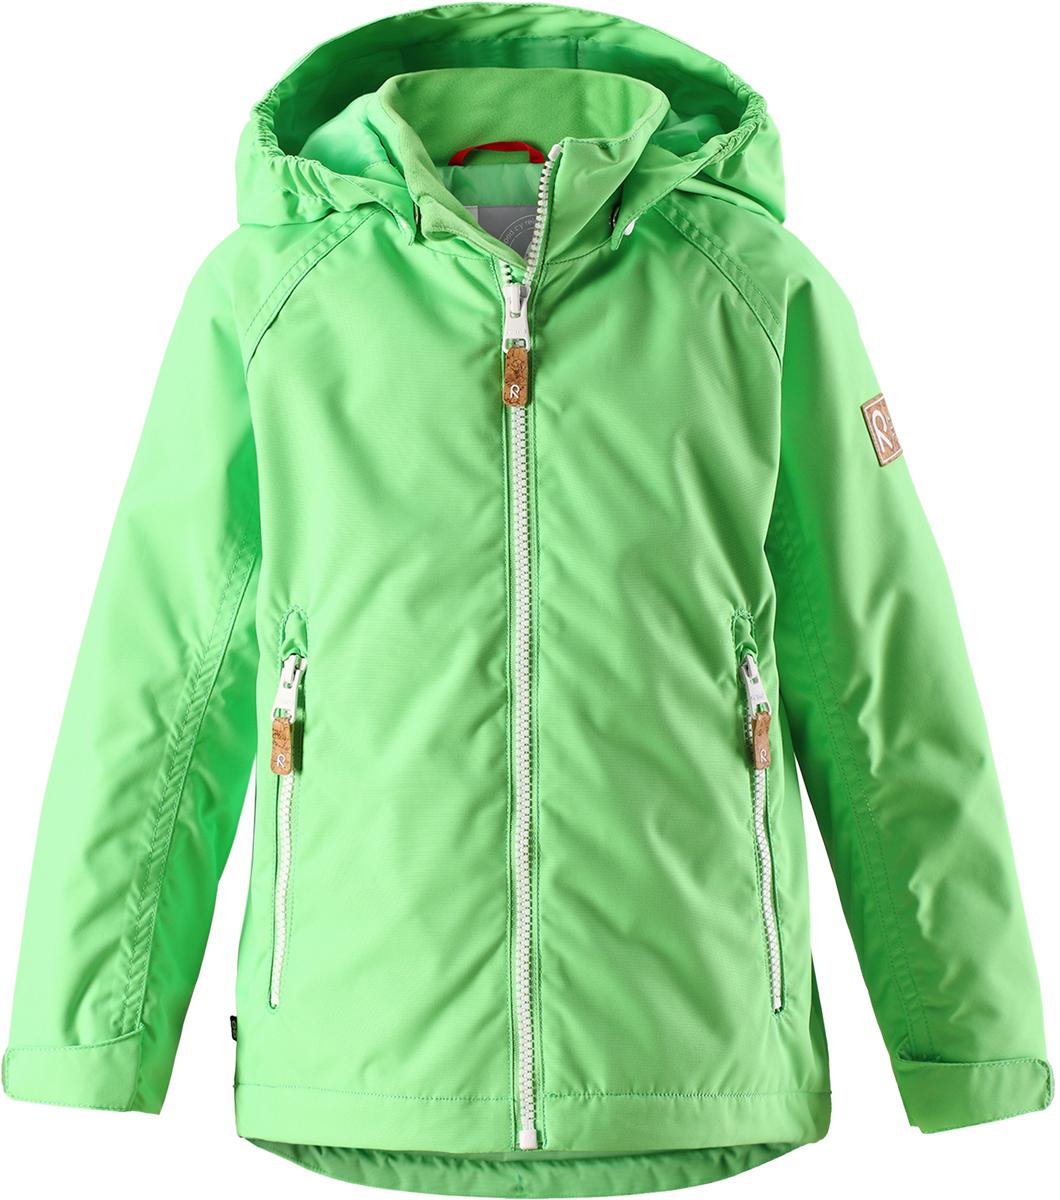 Куртка детская Reima, цвет: зеленый. 521529R8460. Размер 152521529R8460Детская куртка Reima выполнена из полиэстера с полиуретановым покрытием. Модель с воротником-стойкой и съемным капюшоном застегивается на застежку-молнию. Капюшон пристегивается с помощью кнопок. Спереди расположены прорезные карманы на застежках-молниях. Низы рукавов дополнены хлястиками на липучках.